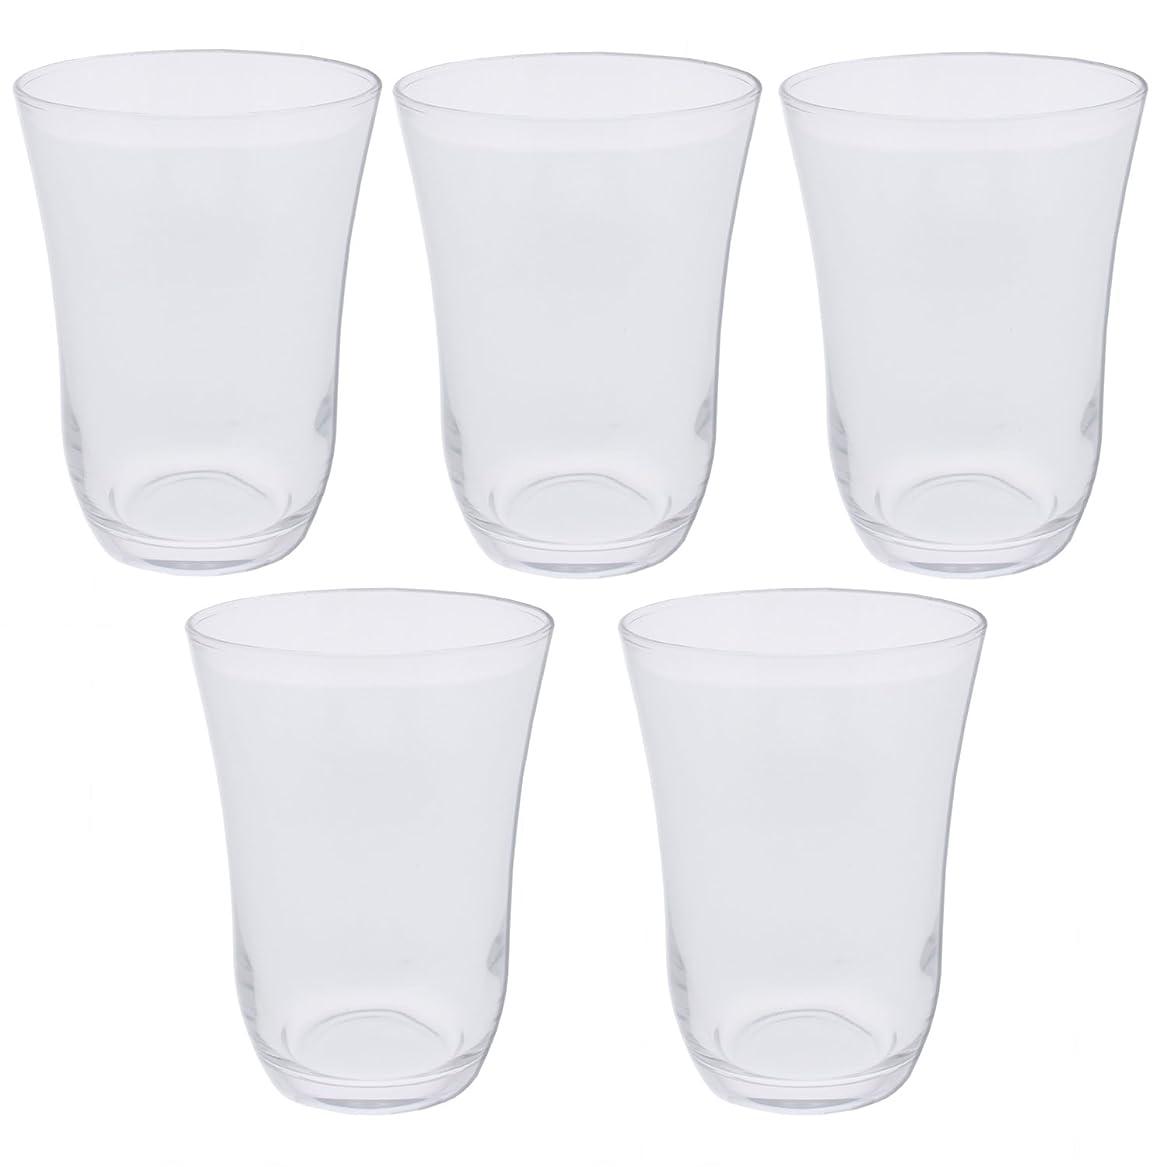 スプリット進化液体東洋佐々木ガラス タンブラー クリア 300ml 食洗機対応 MZ2041 5個セット